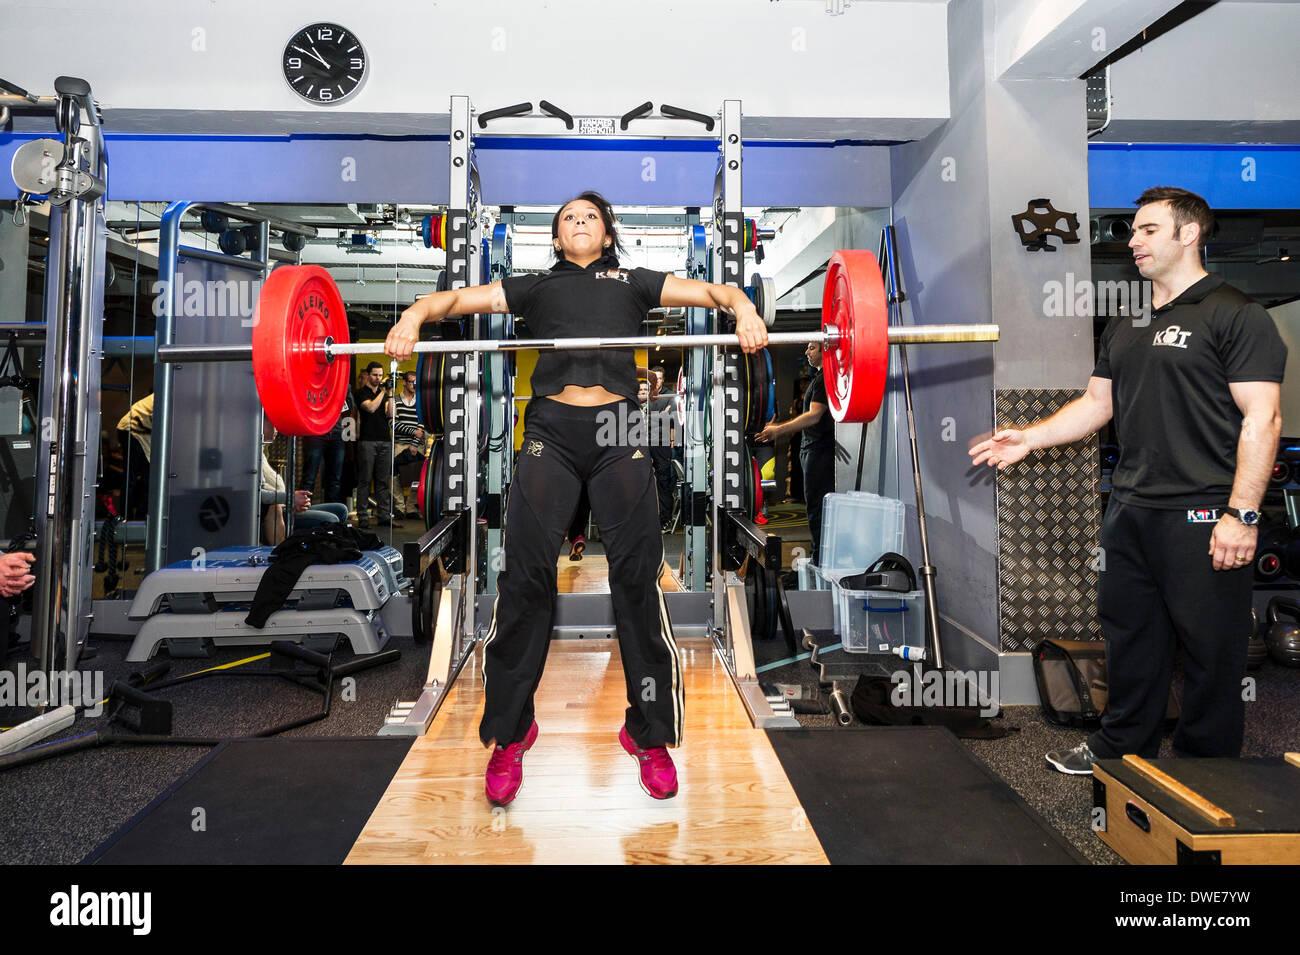 Londra, Regno Unito. Giovedì 6 marzo. 2014: Zoe Smith, inglese weightlifter e Olympian al lancio della BodyPowerExpo conferenza stampa. Zoe, che ora è un KBTEducation atleta sponsorizzato e funziona come parte del team KBTEducation, ha dato una serie di dimostrazioni in tecniche di sollevamento pesi allenata da Sam Dovey.. Fotografo; Gordon Scammell/Alamy Live News. Immagini Stock